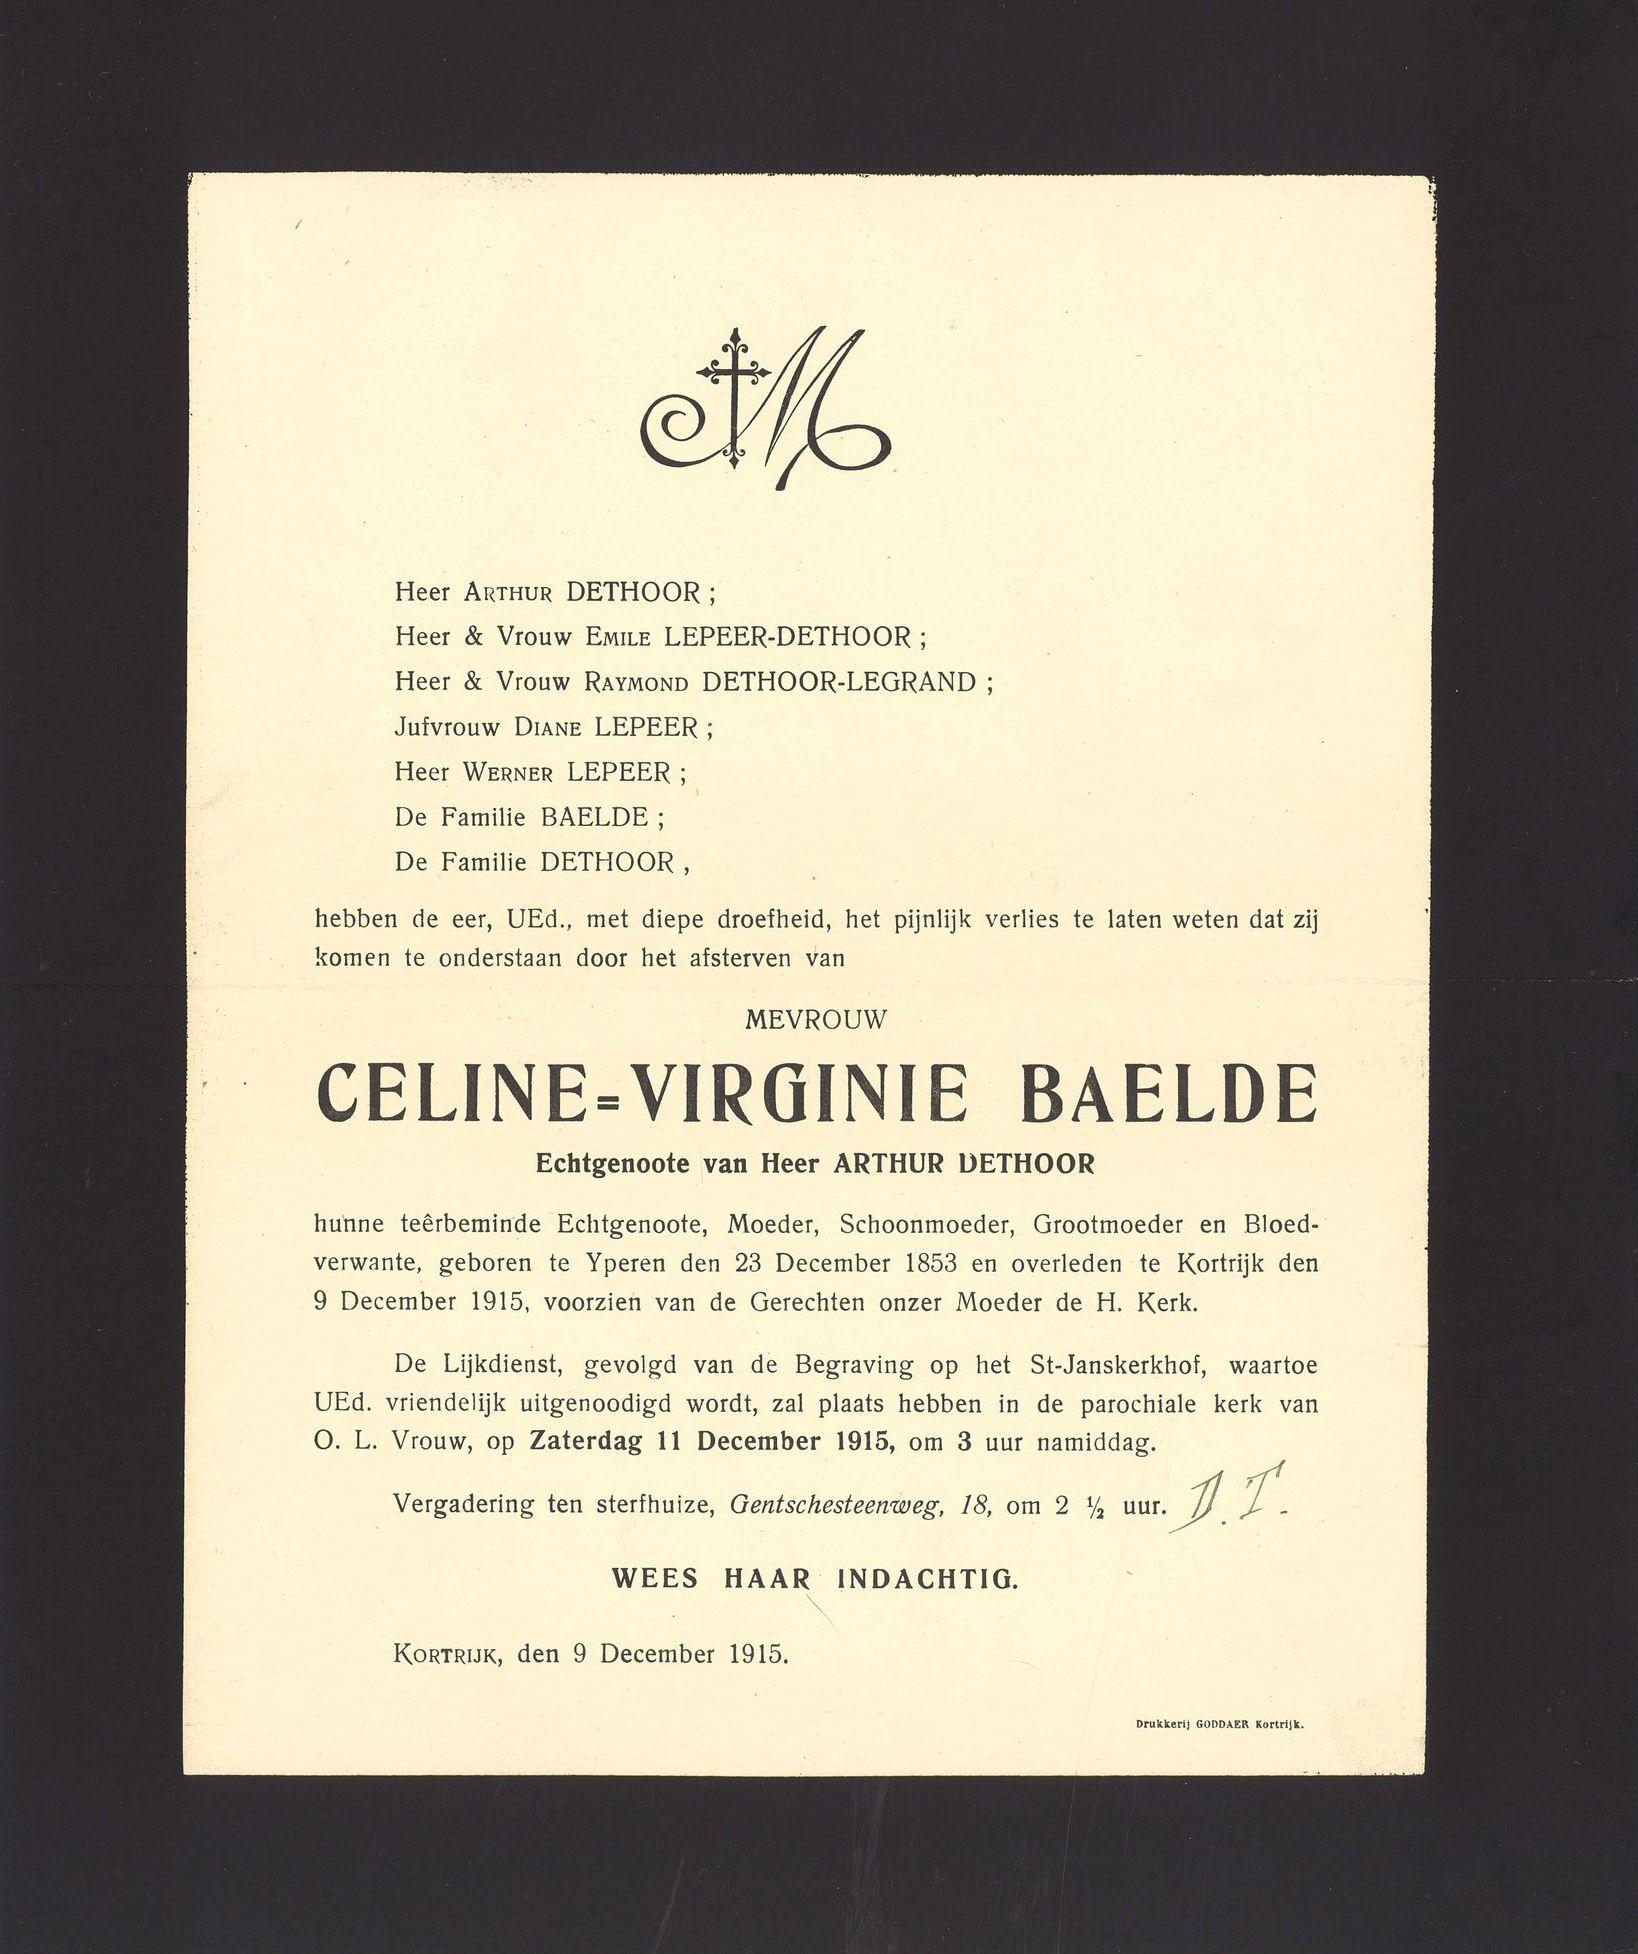 Celine-Virginie Baelde